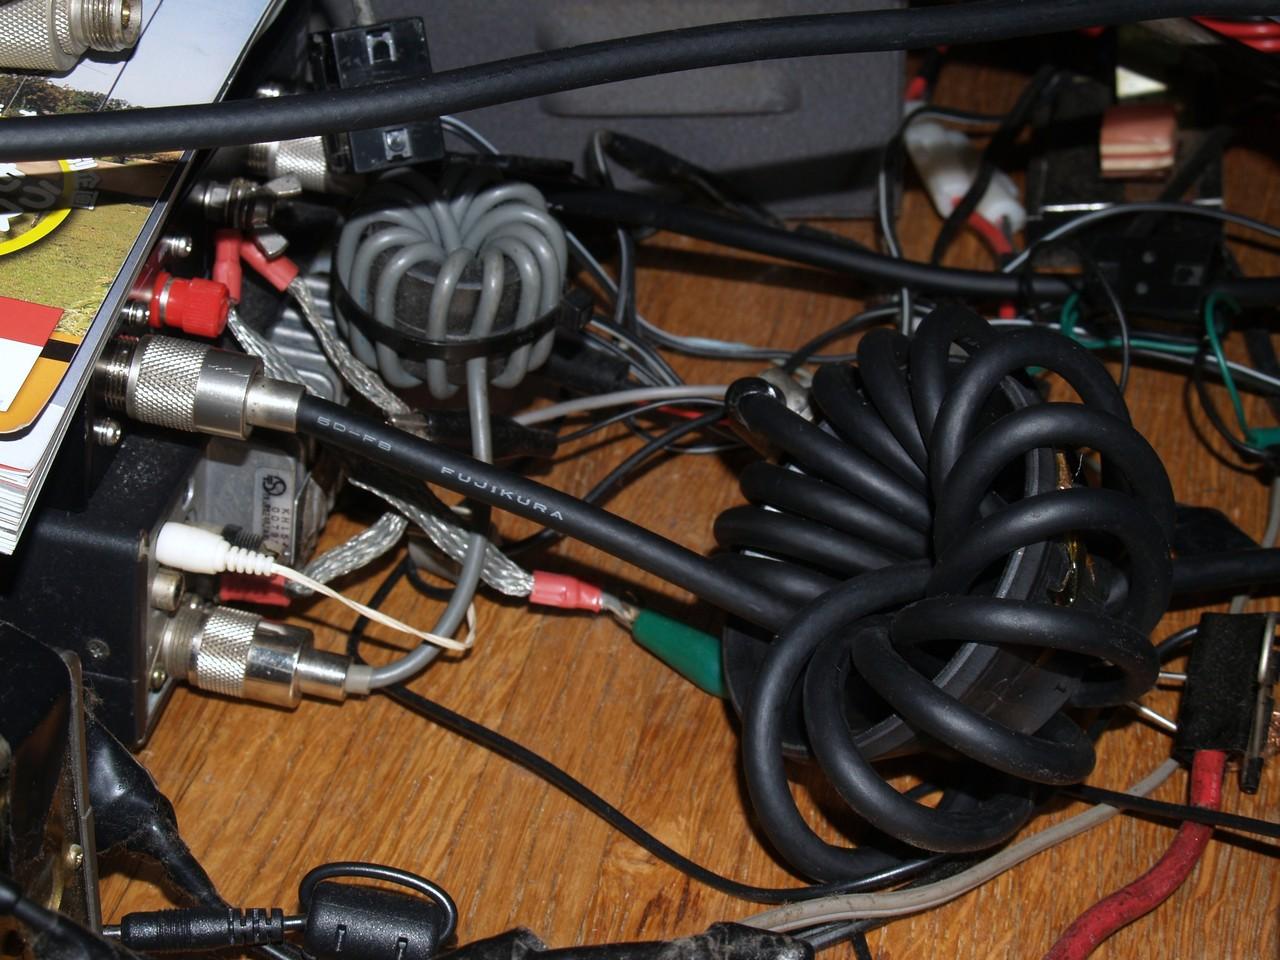 コモン対策等:TV偏向コアに同軸を正巻きと逆巻きにしたもの等を接続:リグ保護とコモン対策で効果がありました。